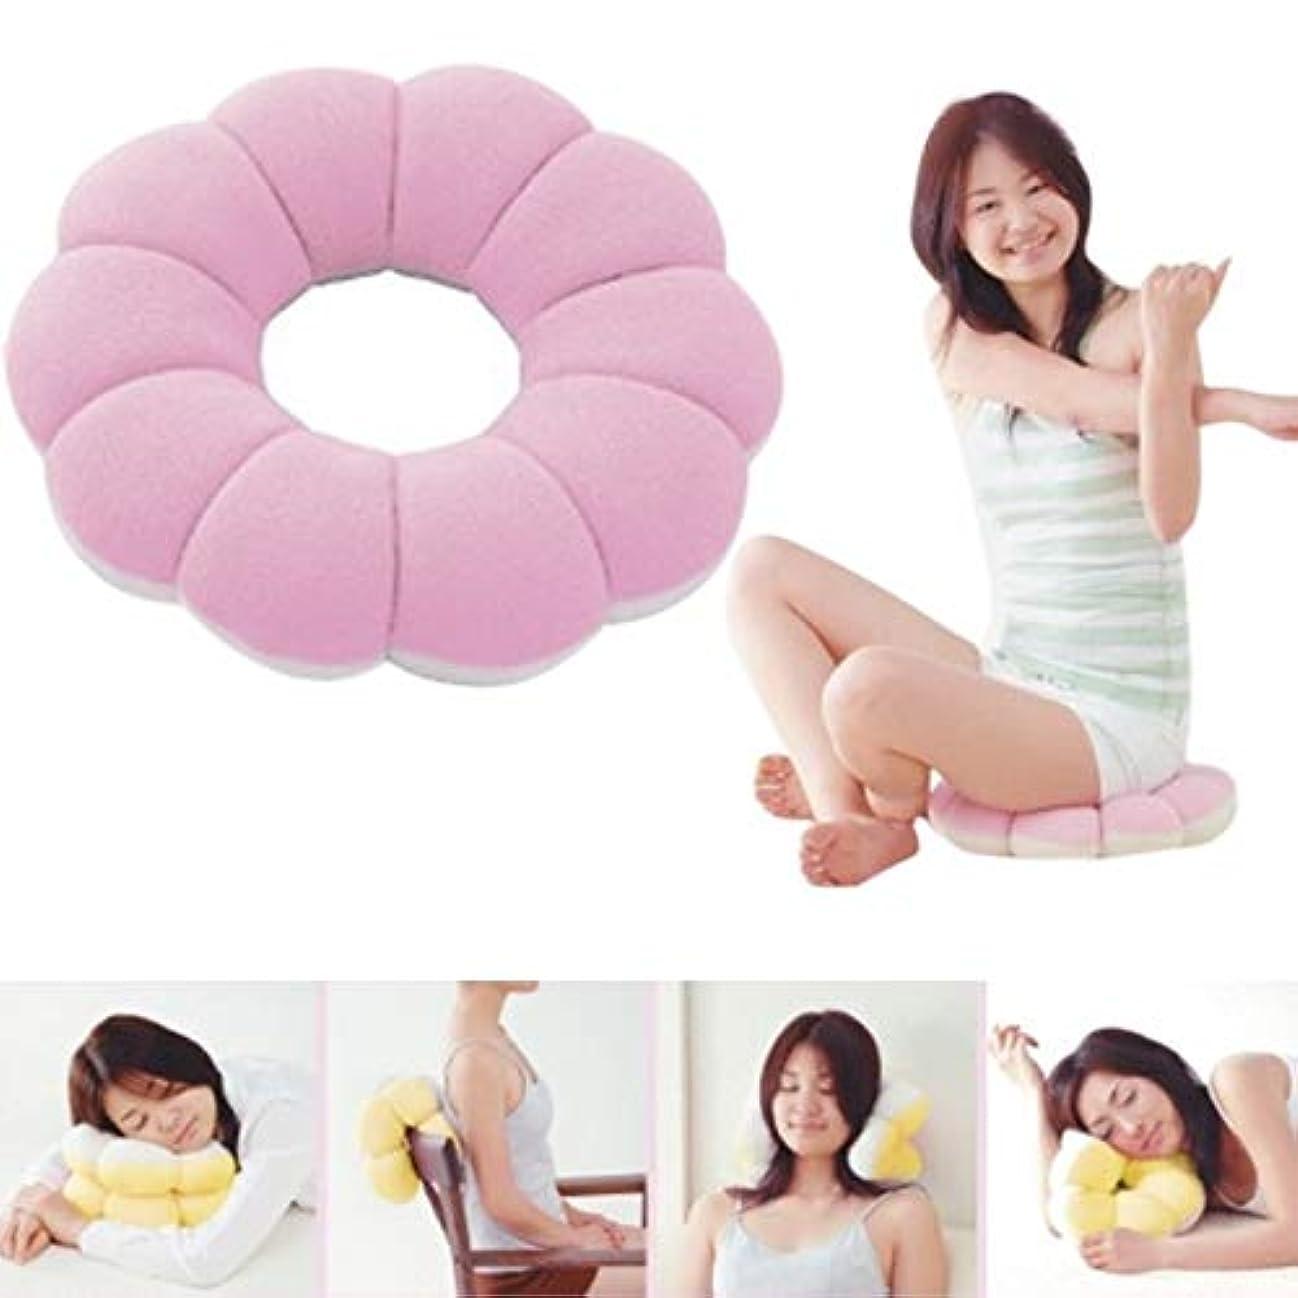 寝てる近々モーテルLIFE ドーナツ多機能クッション頚椎腰椎ソファホームオフィス旅行枕 E2S クッション 椅子